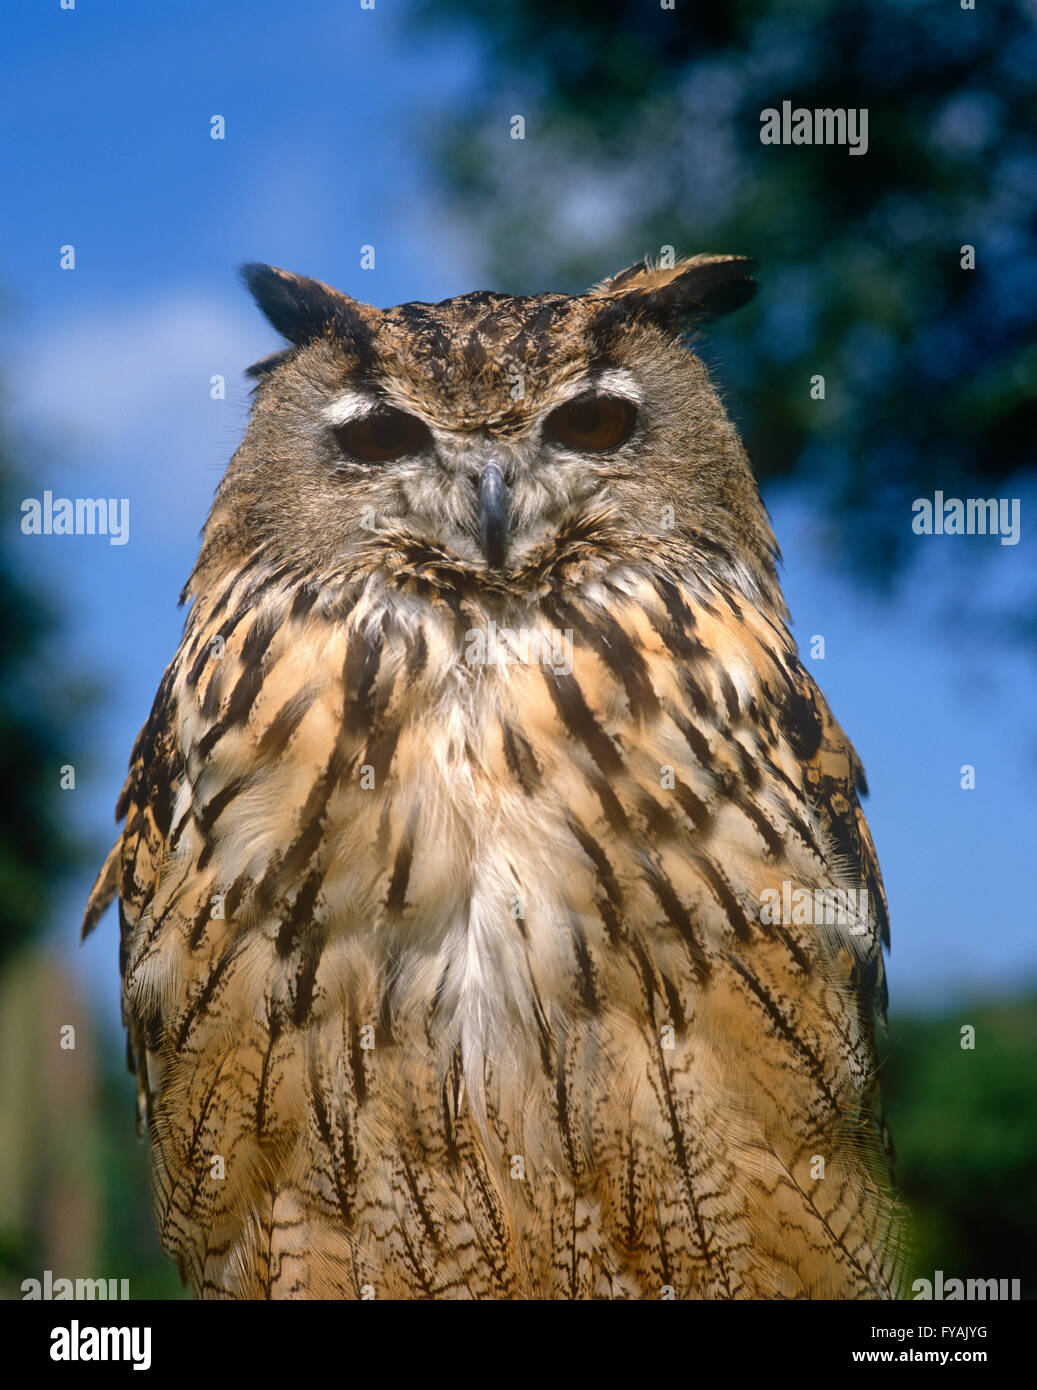 Owl les yeux dans la caméra, à l'extérieur. Photo Stock